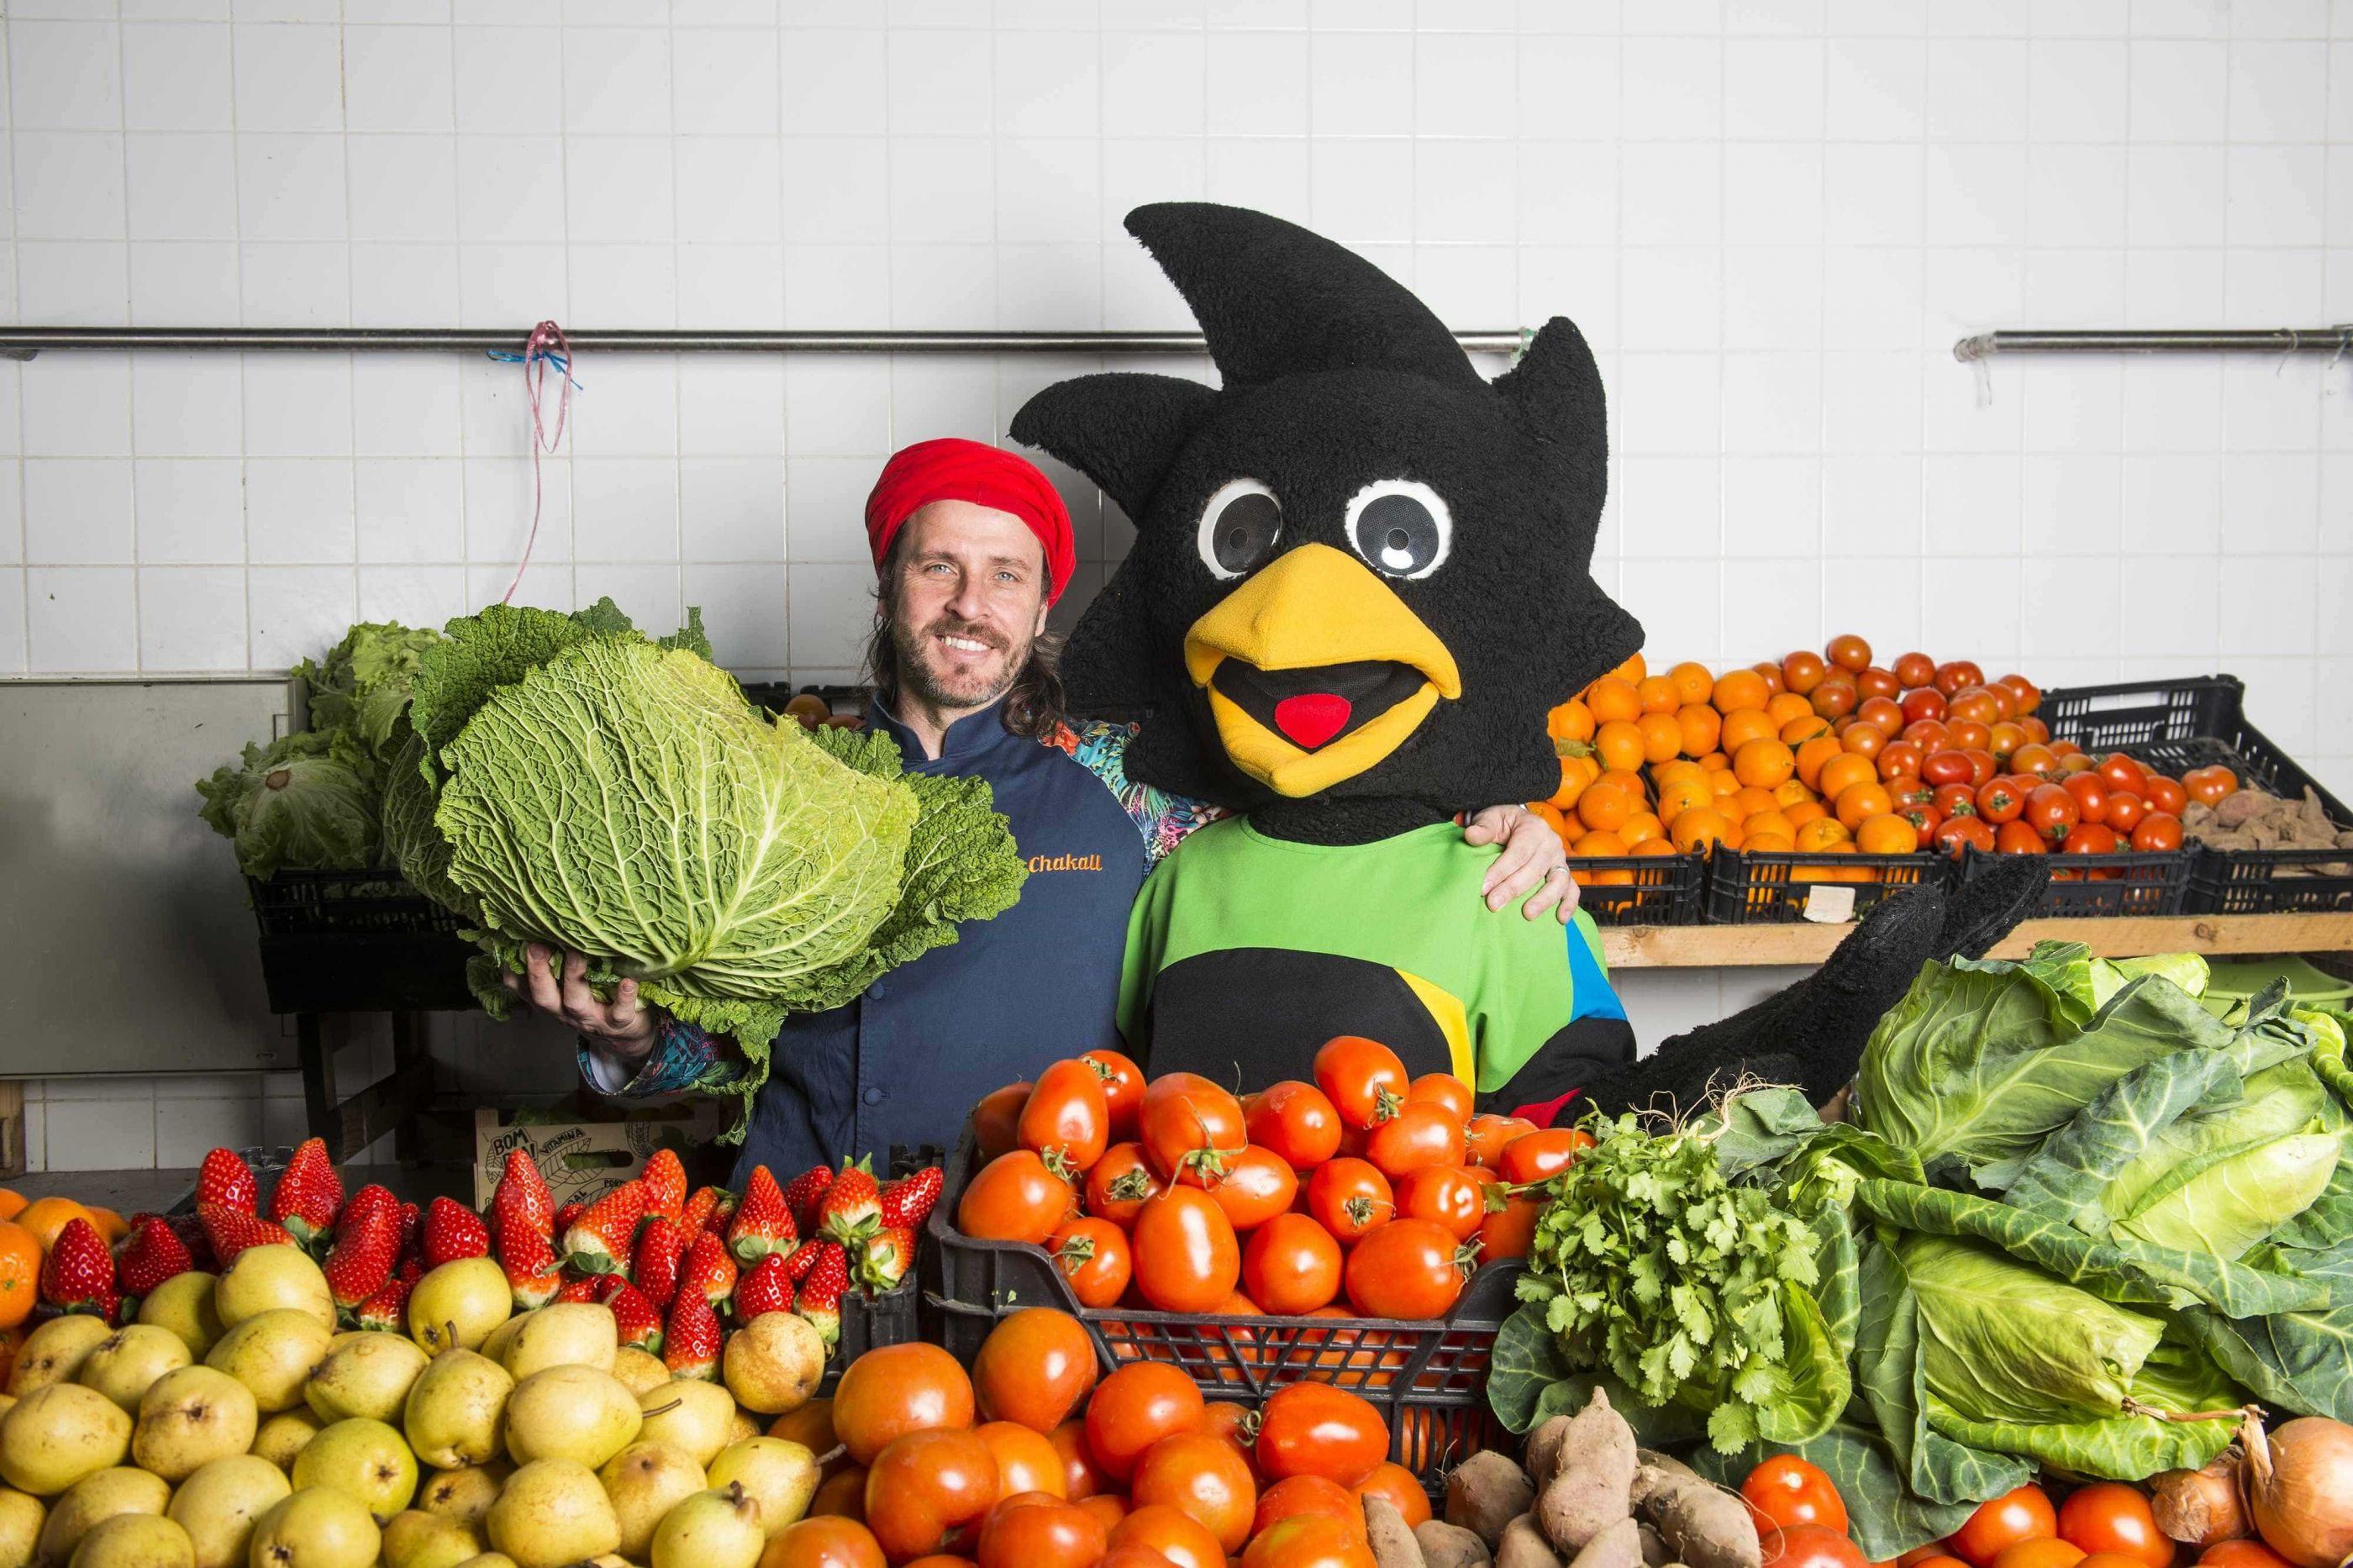 Olisipíadas e chef Chakall promovem workshops de comida saudável